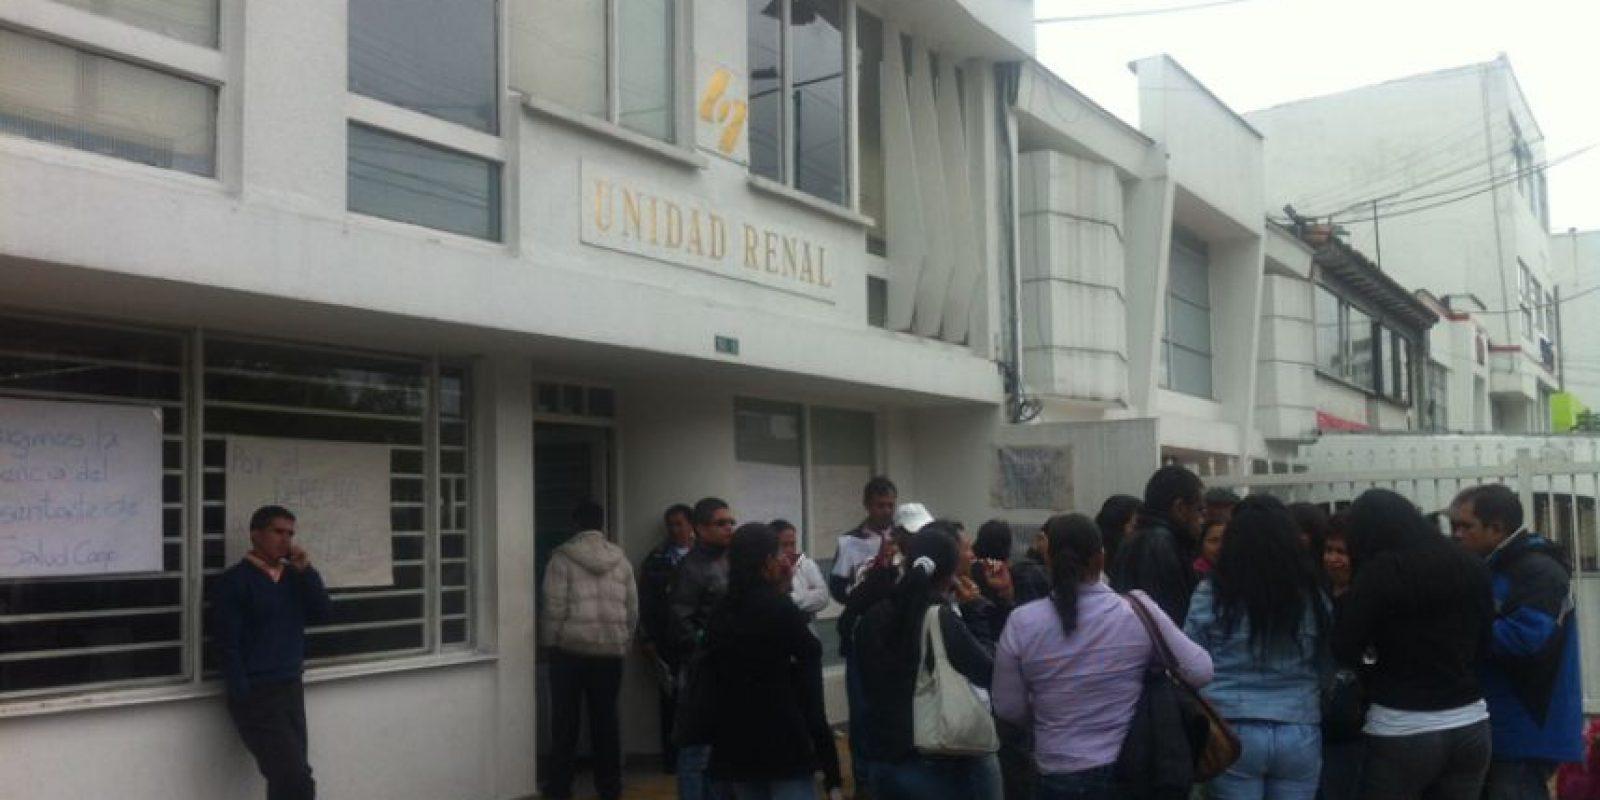 La unidad renal les informó a los pacientes que no los atenderían más a partir del 1 de abril.